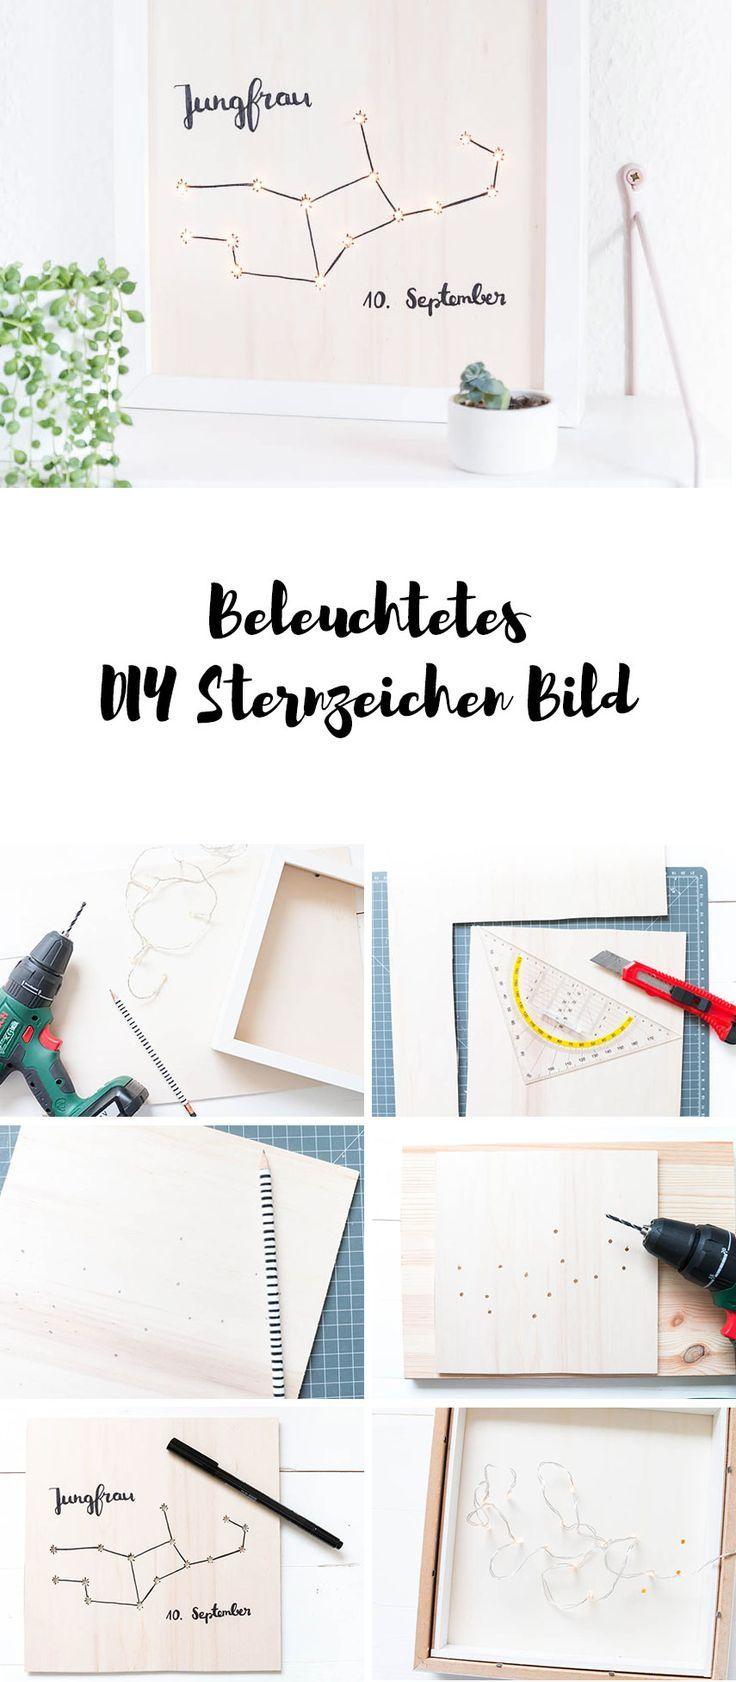 DIY Beleuchtetes Sternzeichen Bild   Lightbox Selber Bauen Mit Holz Und  Lichterkette   Ein Schönes DIY